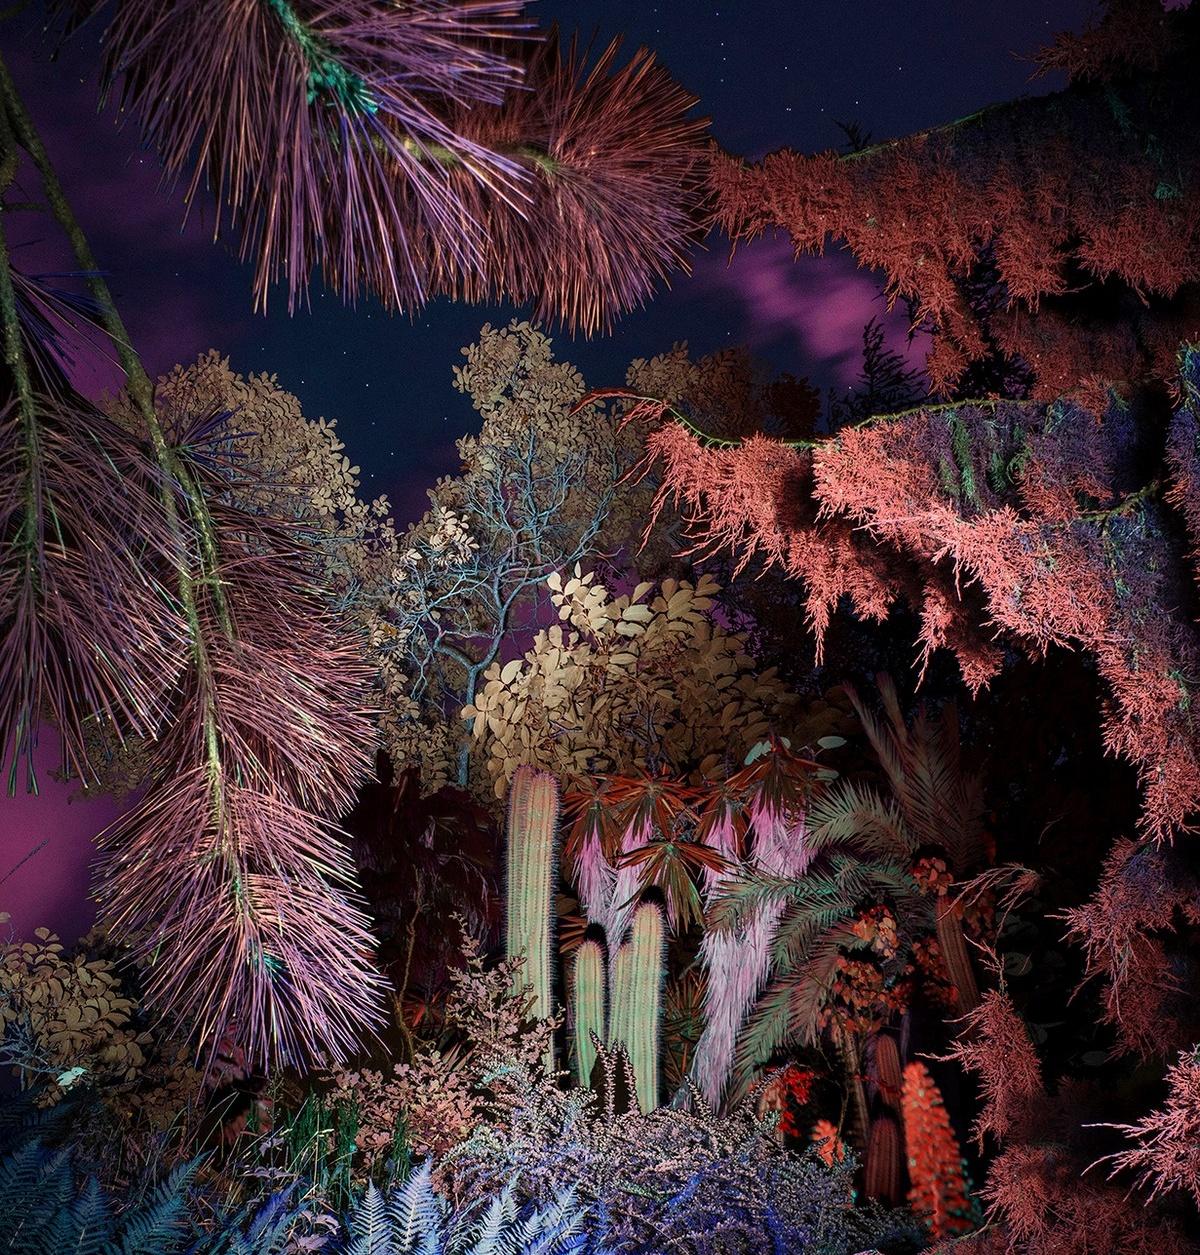 Ночные растения и деревья на снимках Линды Вестин